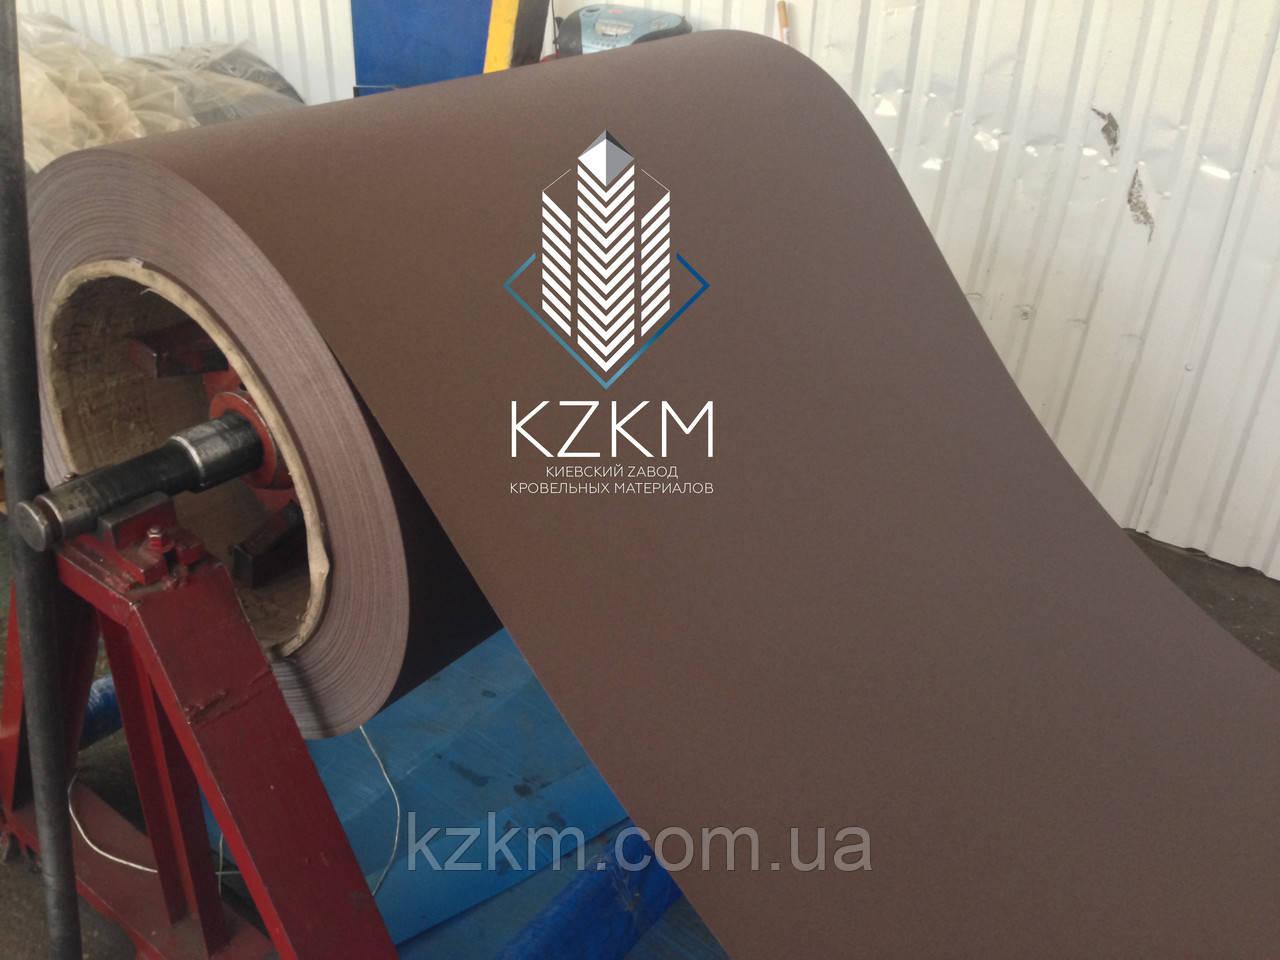 Гладкий лист матовый тёмно-коричневый цвет RAL 8019 pema, купить РАЛ 8019 цвет  шоколад плоский матовый рулон